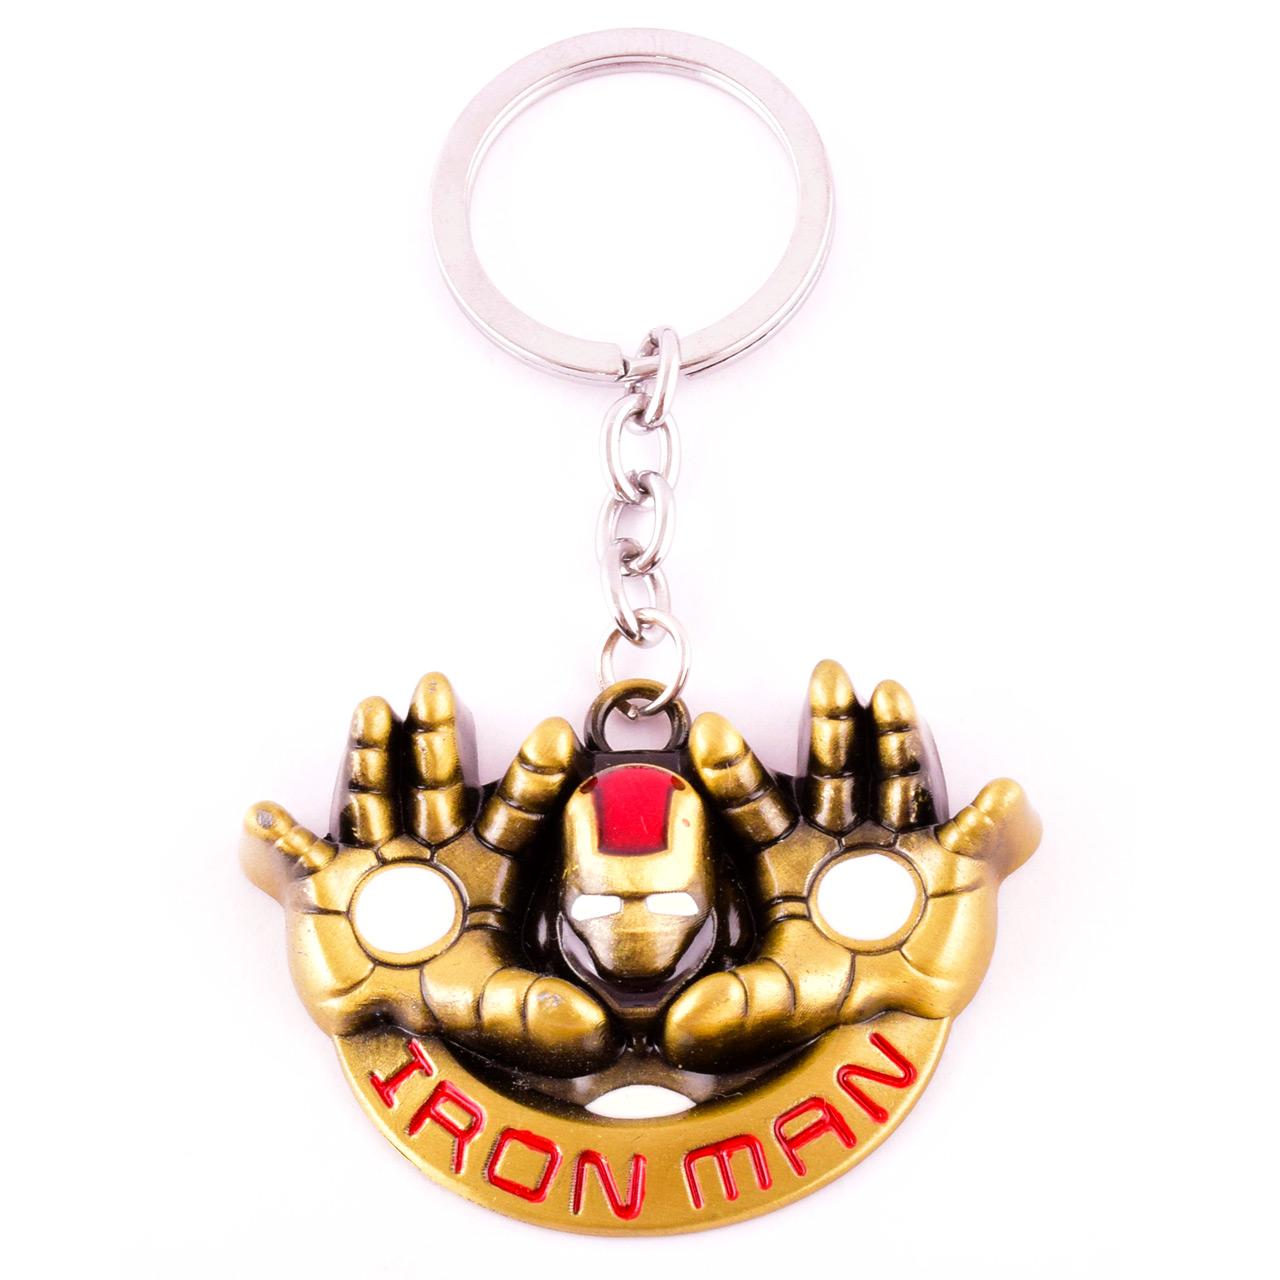 جاسوییچی طرح قهرمان مارول مدل Iron Man Ready to Fire